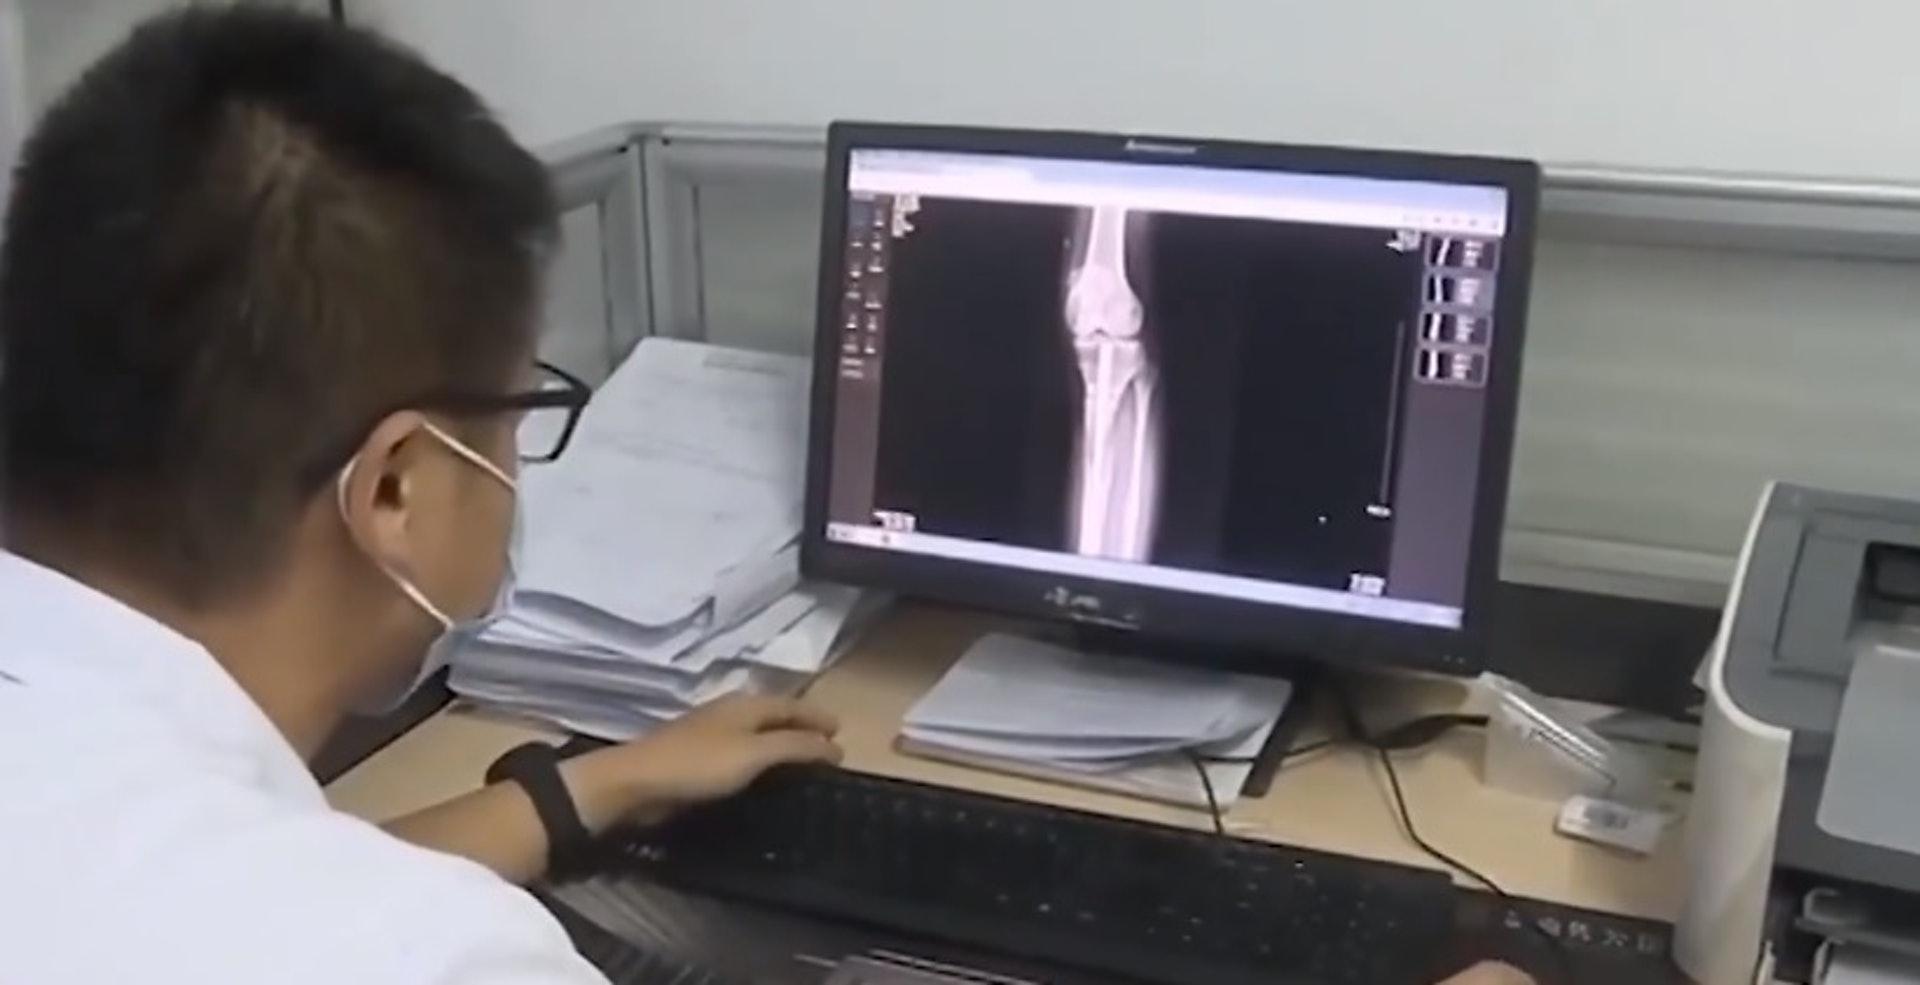 王磊坦言男事主的增高手術「失敗了」,不但身體承受痛苦,經濟方面也出現很大負擔。(微博影片截圖)